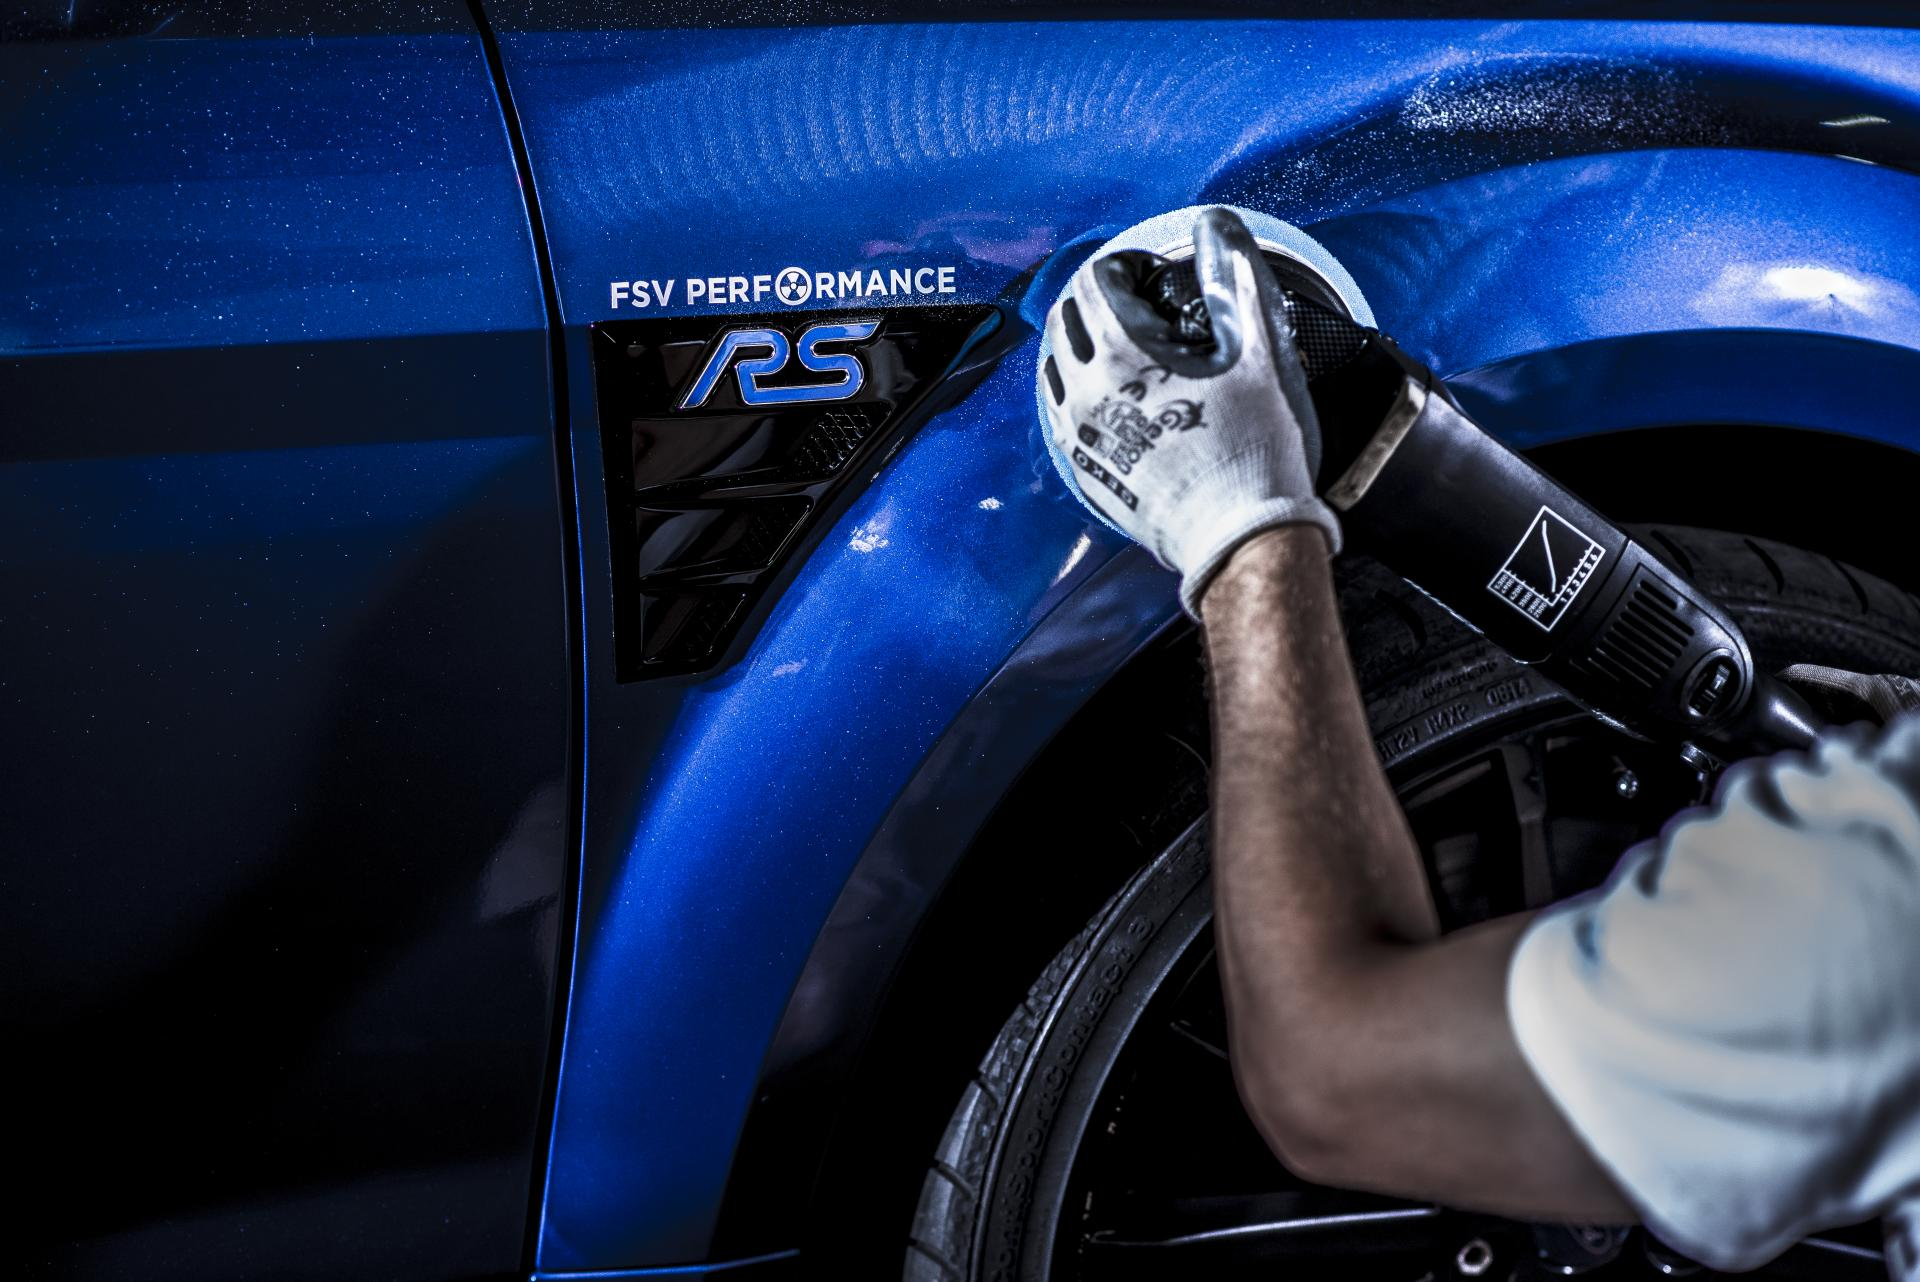 Ford Focus II RS usuwanie rys nadkole